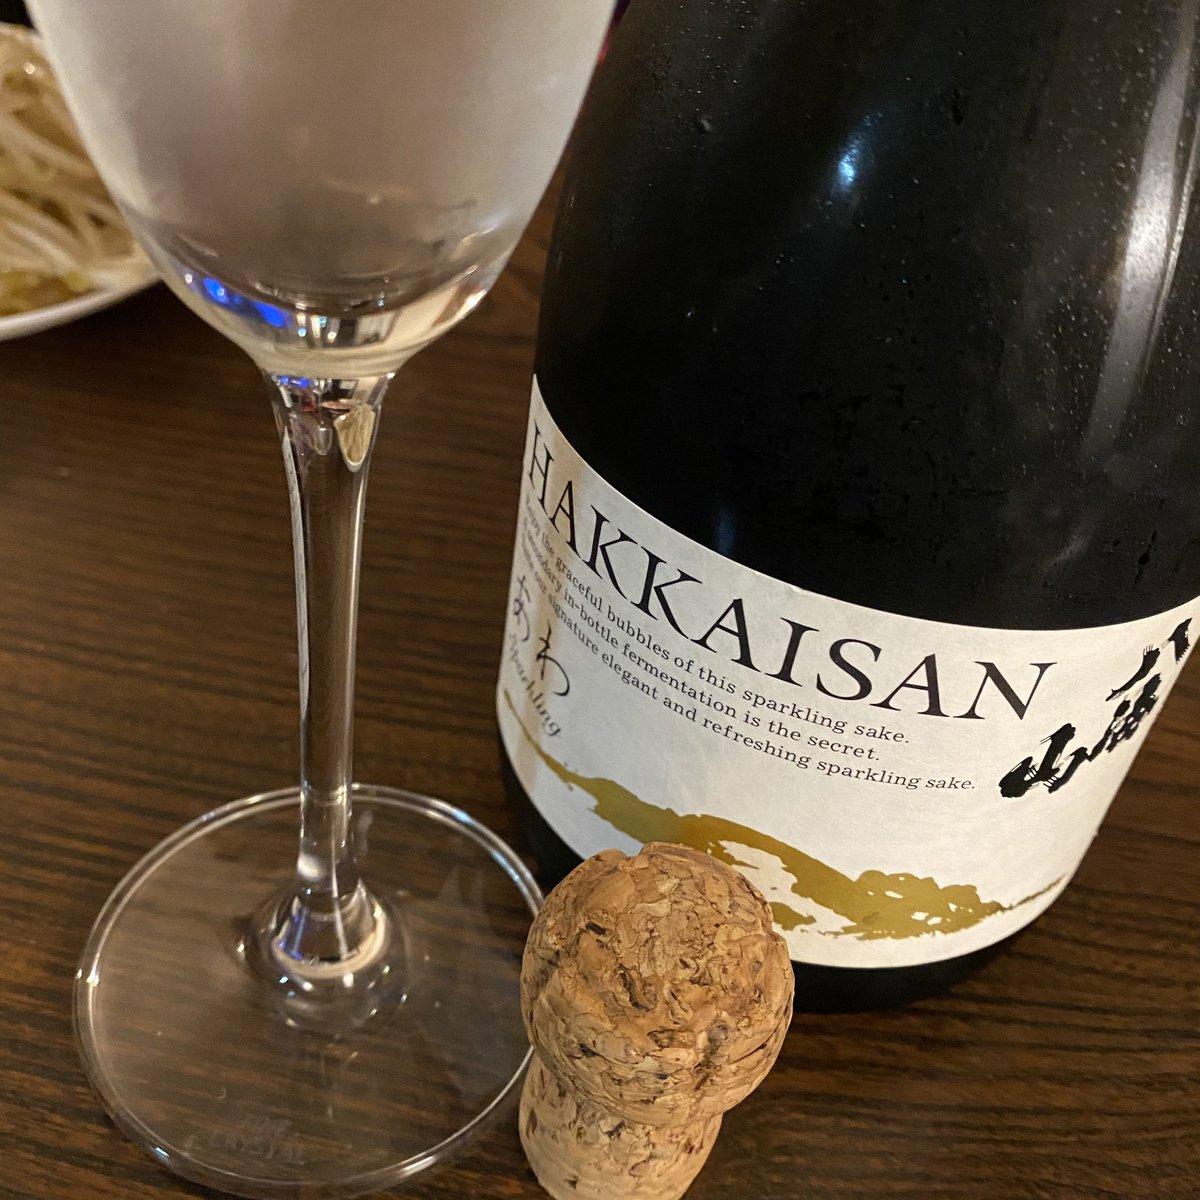 test ツイッターメディア - シャンパンと同じく瓶の中で発酵させたスパークリング日本酒🍶 ちゃんとミュズレもコルクで栓もされてて本格的👏 飲むの結構大変なので一日一杯w #八海山 #hakkaisan #あわ #awa #瓶内2次発酵 #MethodTraditional #日本酒 #sake #Sparklingsake #JapaneseSake https://t.co/a6KXU7FAmh